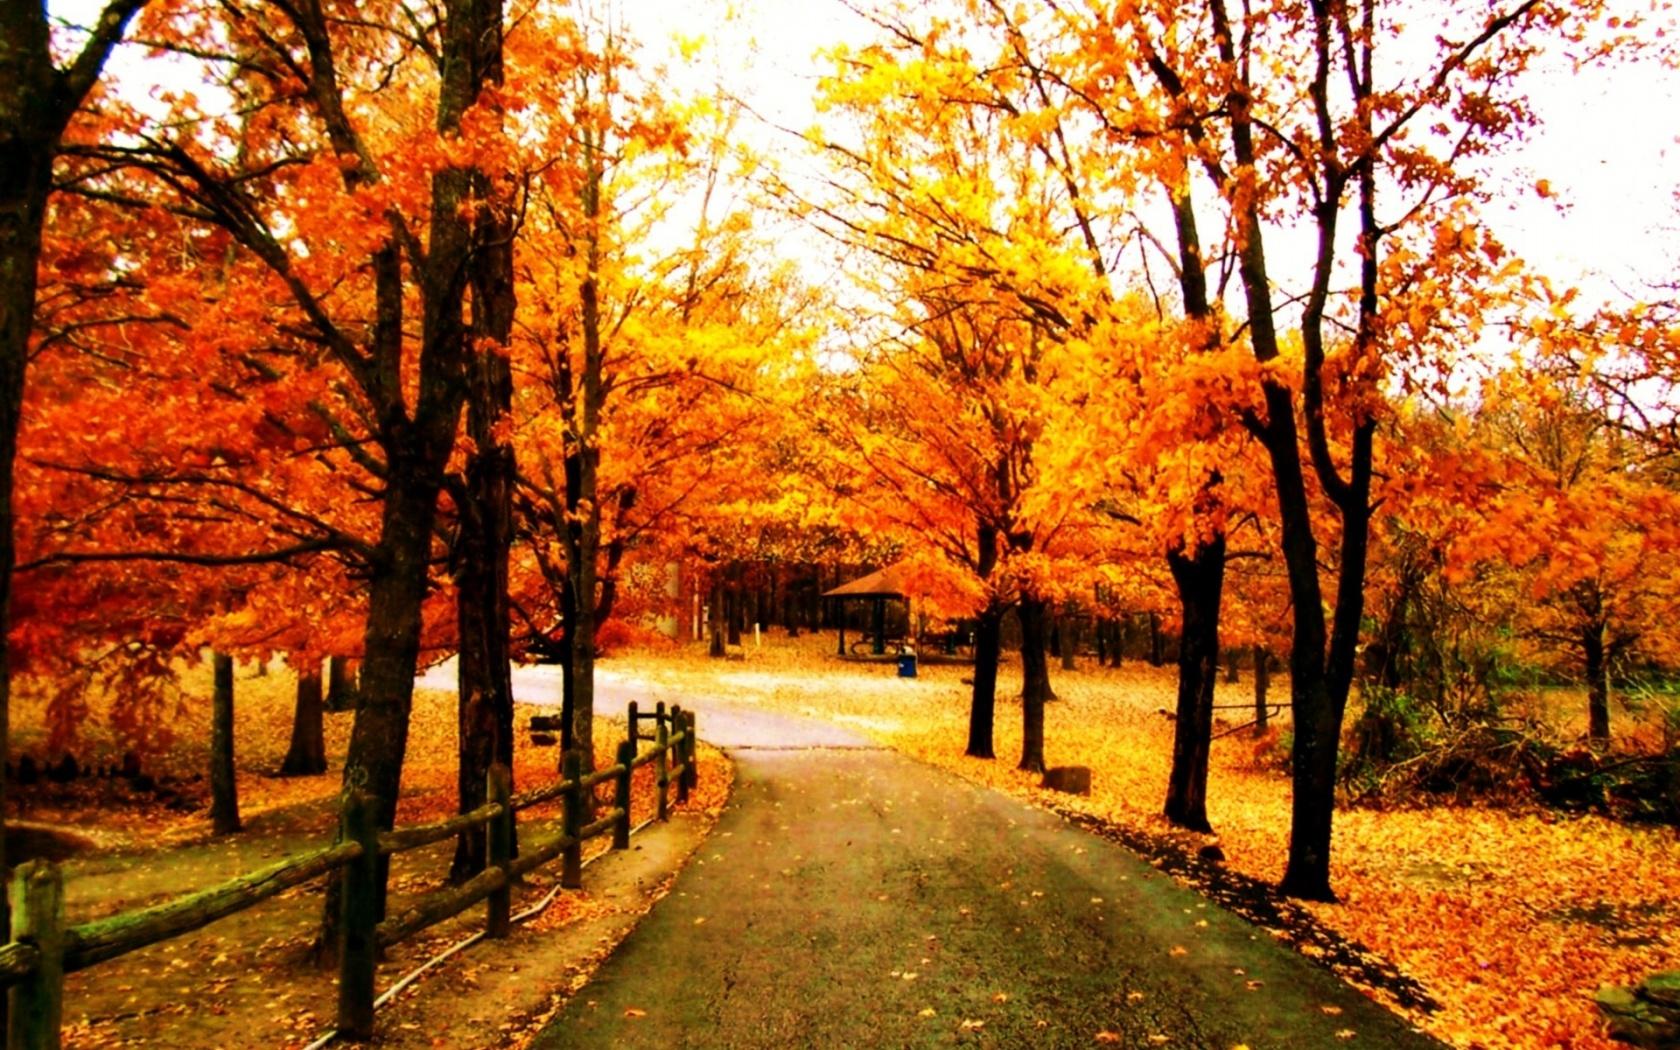 дорога, осень, обои для рабочего стола